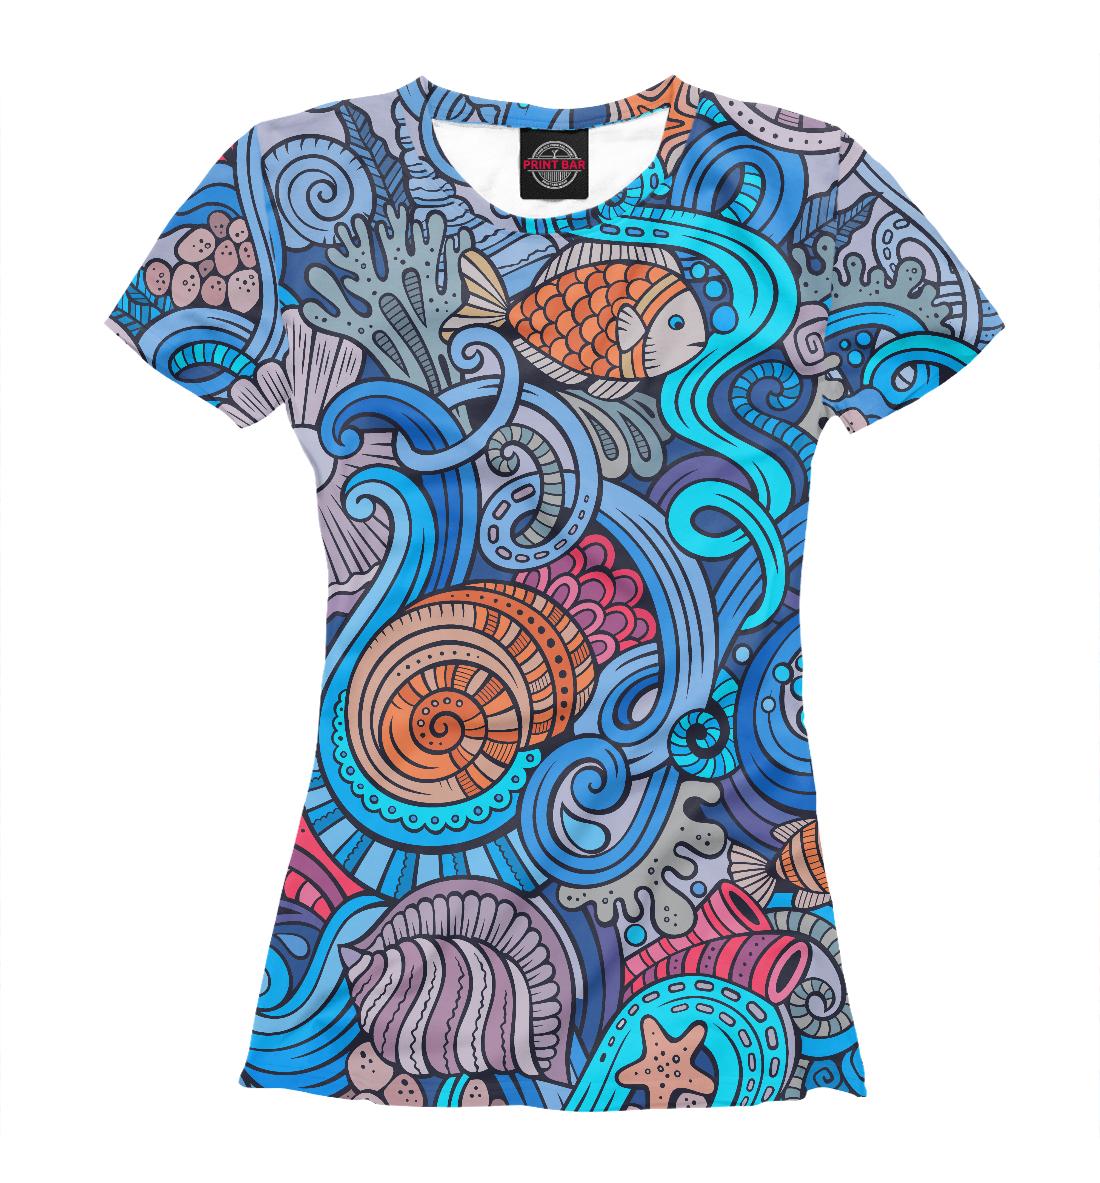 специальности инженерной футболки с фото моря бывают очень